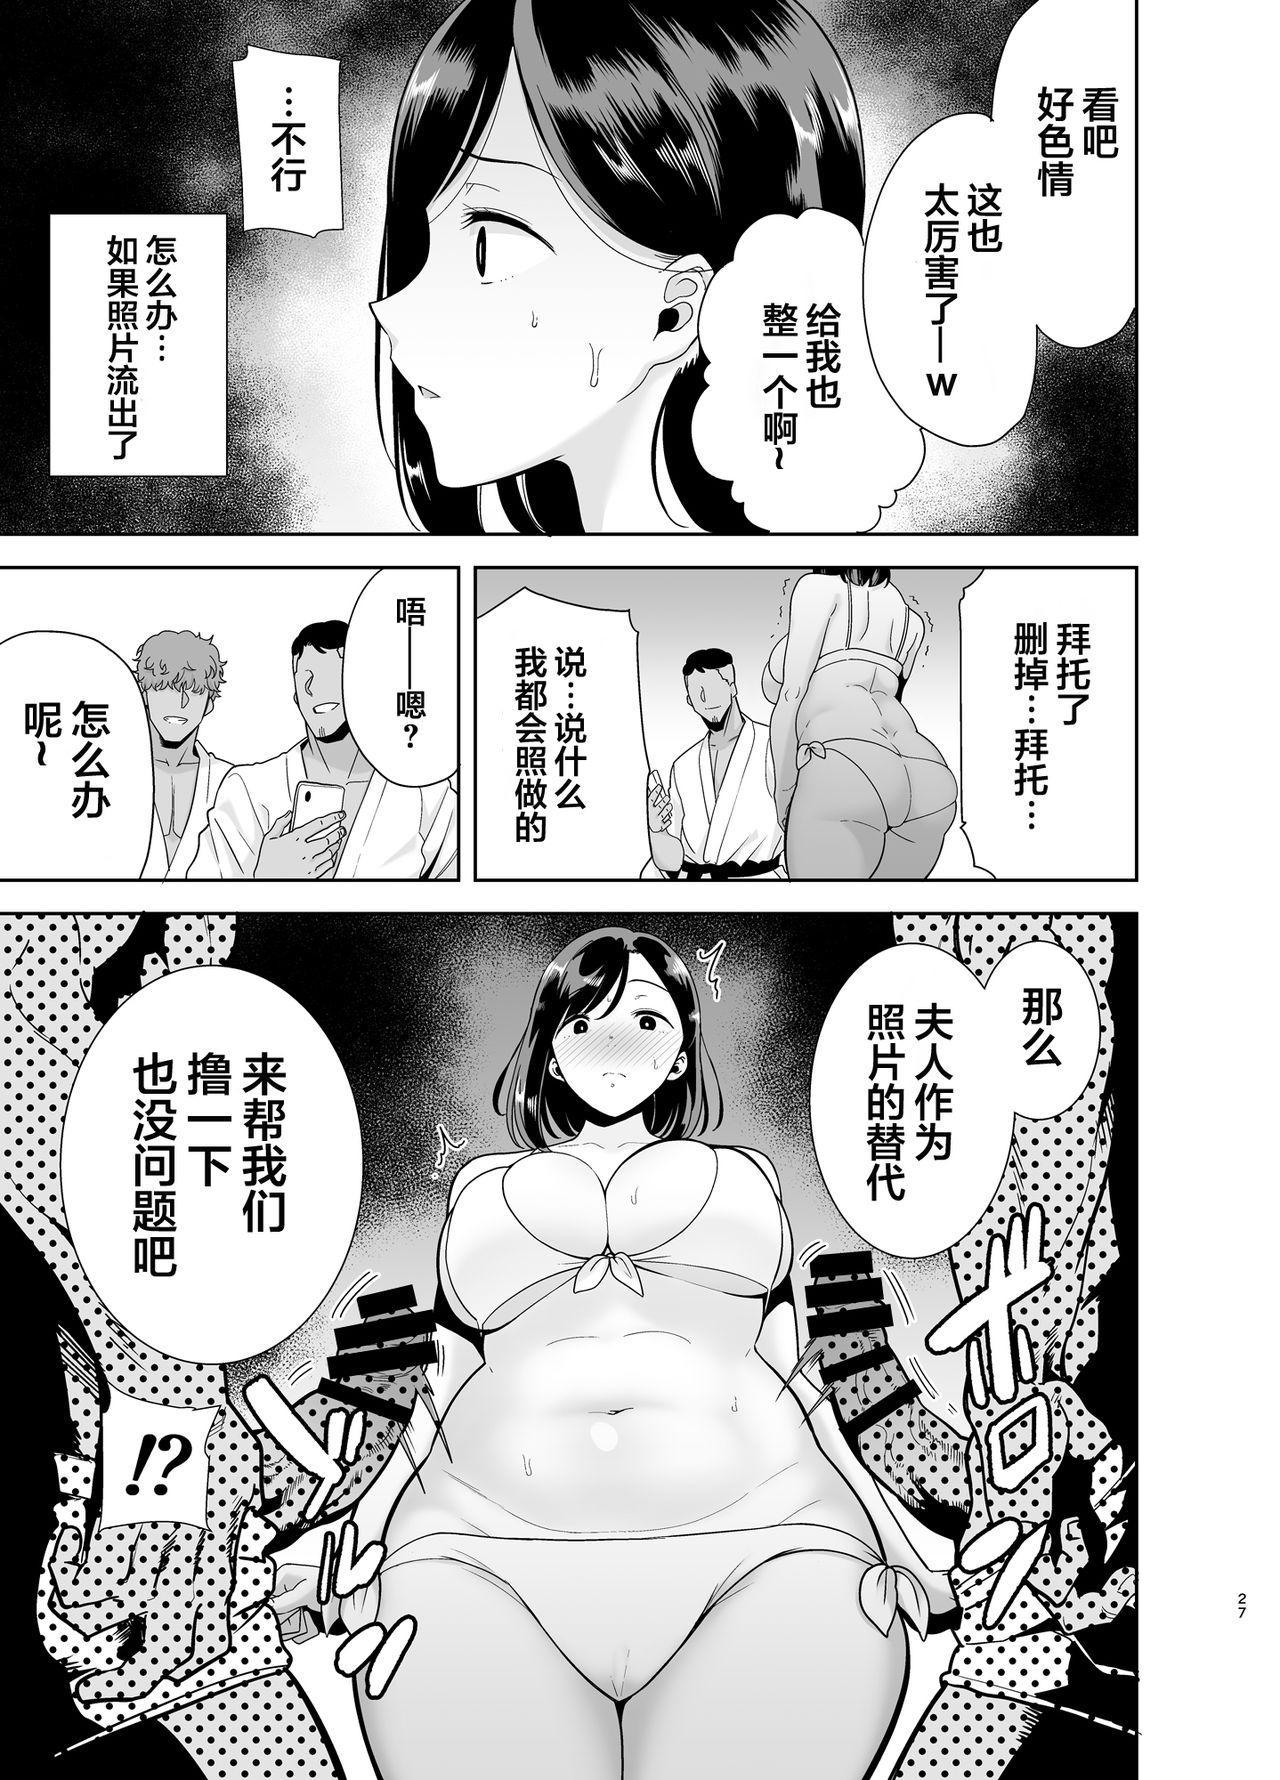 [DOLL PLAY (Kurosu Gatari)] Natsuzuma ~Natsu, Ryokan, Nanpa Otoko-tachi ni Ochita Tsuma~ Megane Nashi [Chinese] [翻车汉化组] 25